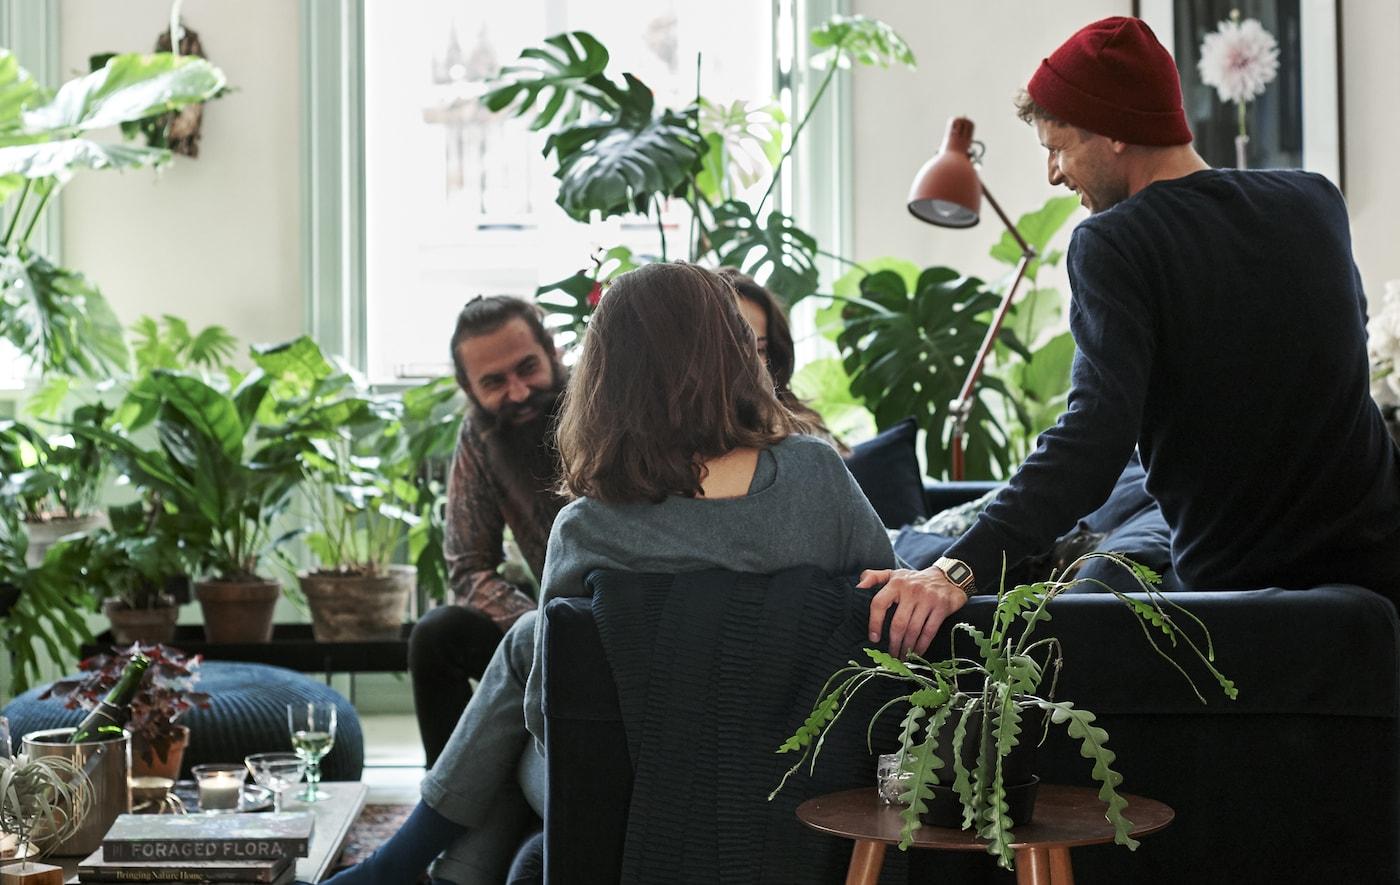 客人坐在客厅里的深蓝色天鹅绒沙发上,客厅里摆放着植物和植物印花纺织品。